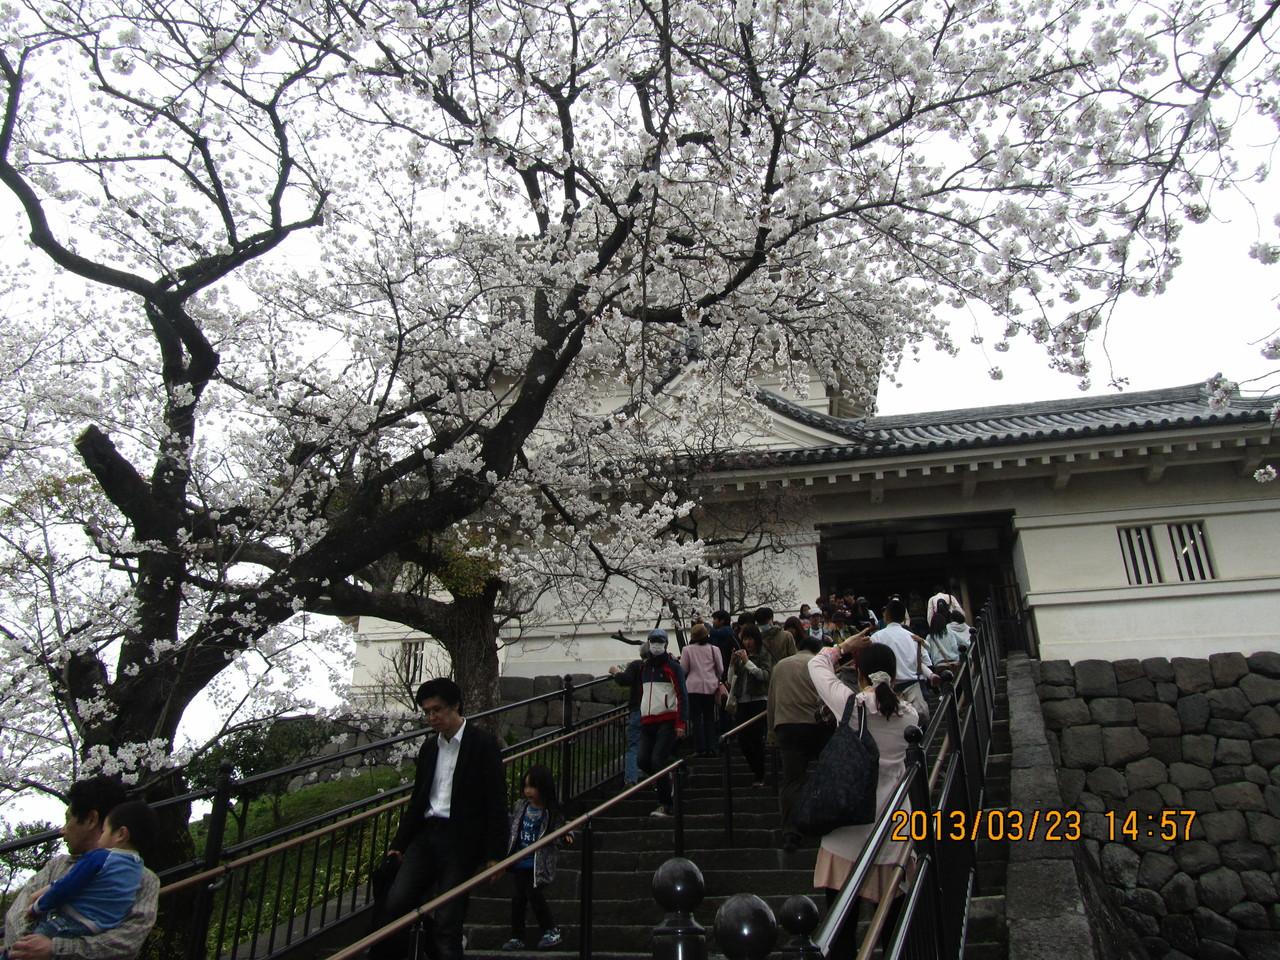 小田原城は豊臣秀吉に攻められました。